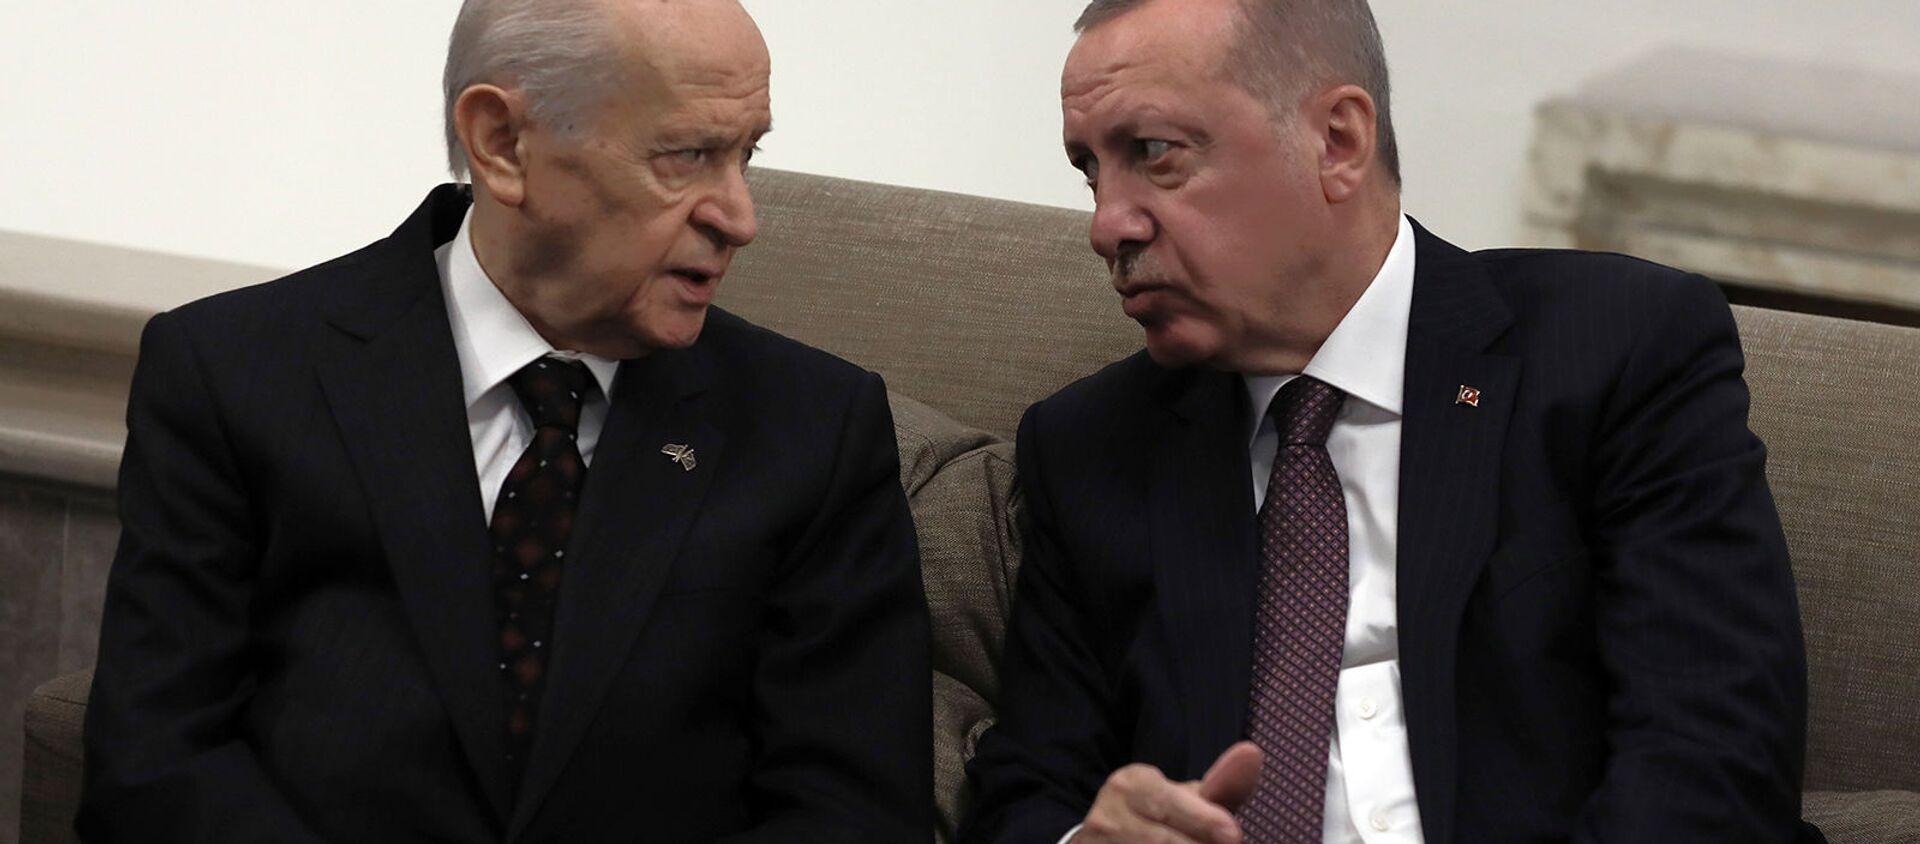 Президент Турции Реджеп Тайип Эрдоган беседует с лидером оппозиционной партии Националистического движения и своим главным политическим союзником Девлетом Бахчели (19 ноября 2019). Анкара - Sputnik Արմենիա, 1920, 29.05.2021